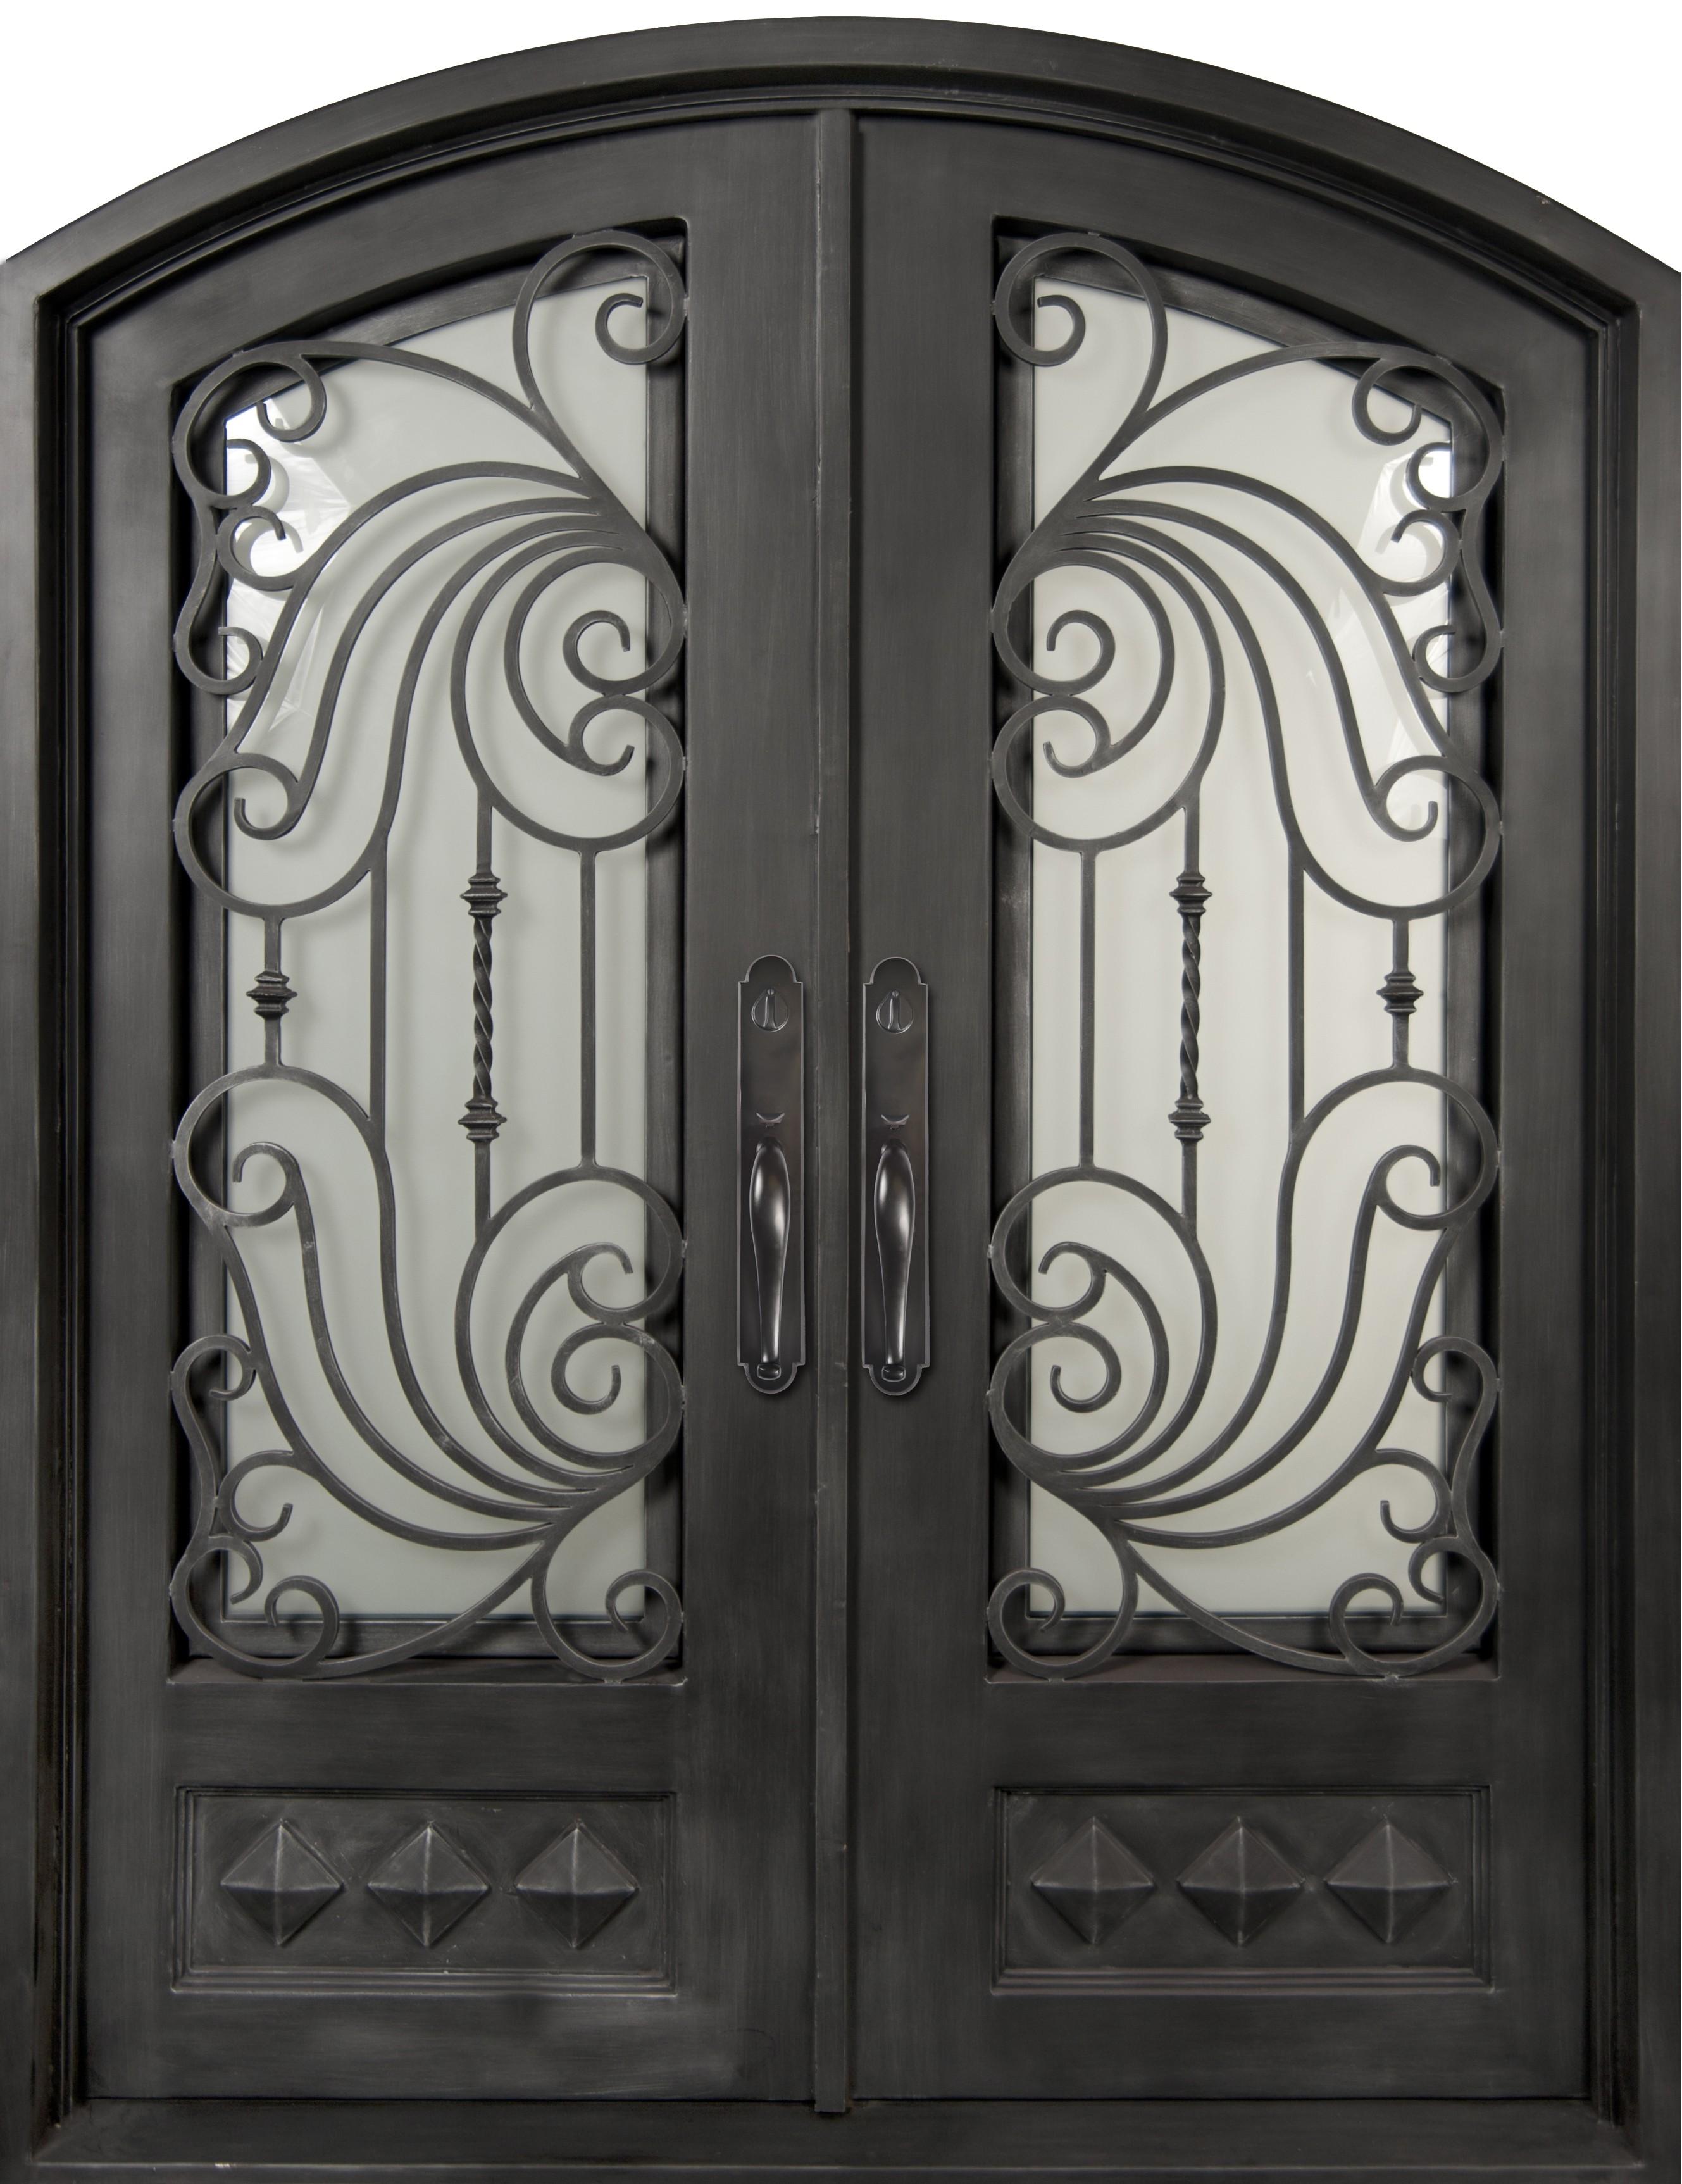 In Stock Iron Doors L Iron Doors Plus L Handcrafted Iron Doors